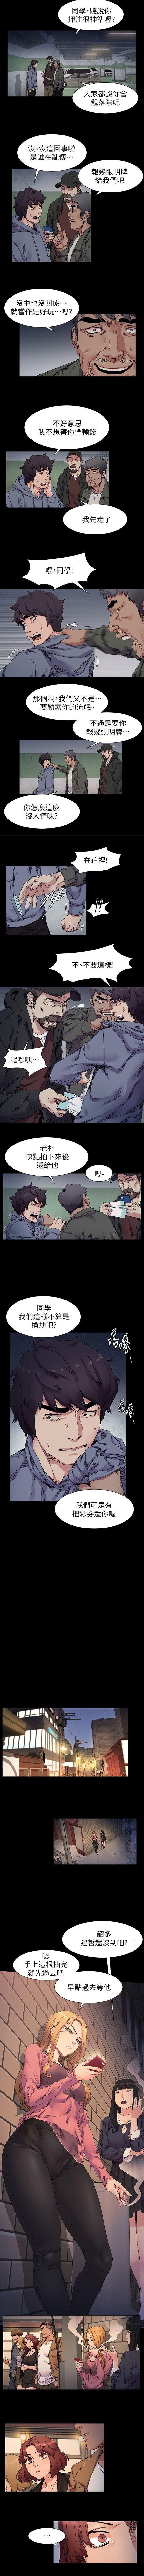 (週5)衝突 1-94 中文翻譯 (更新中) 107